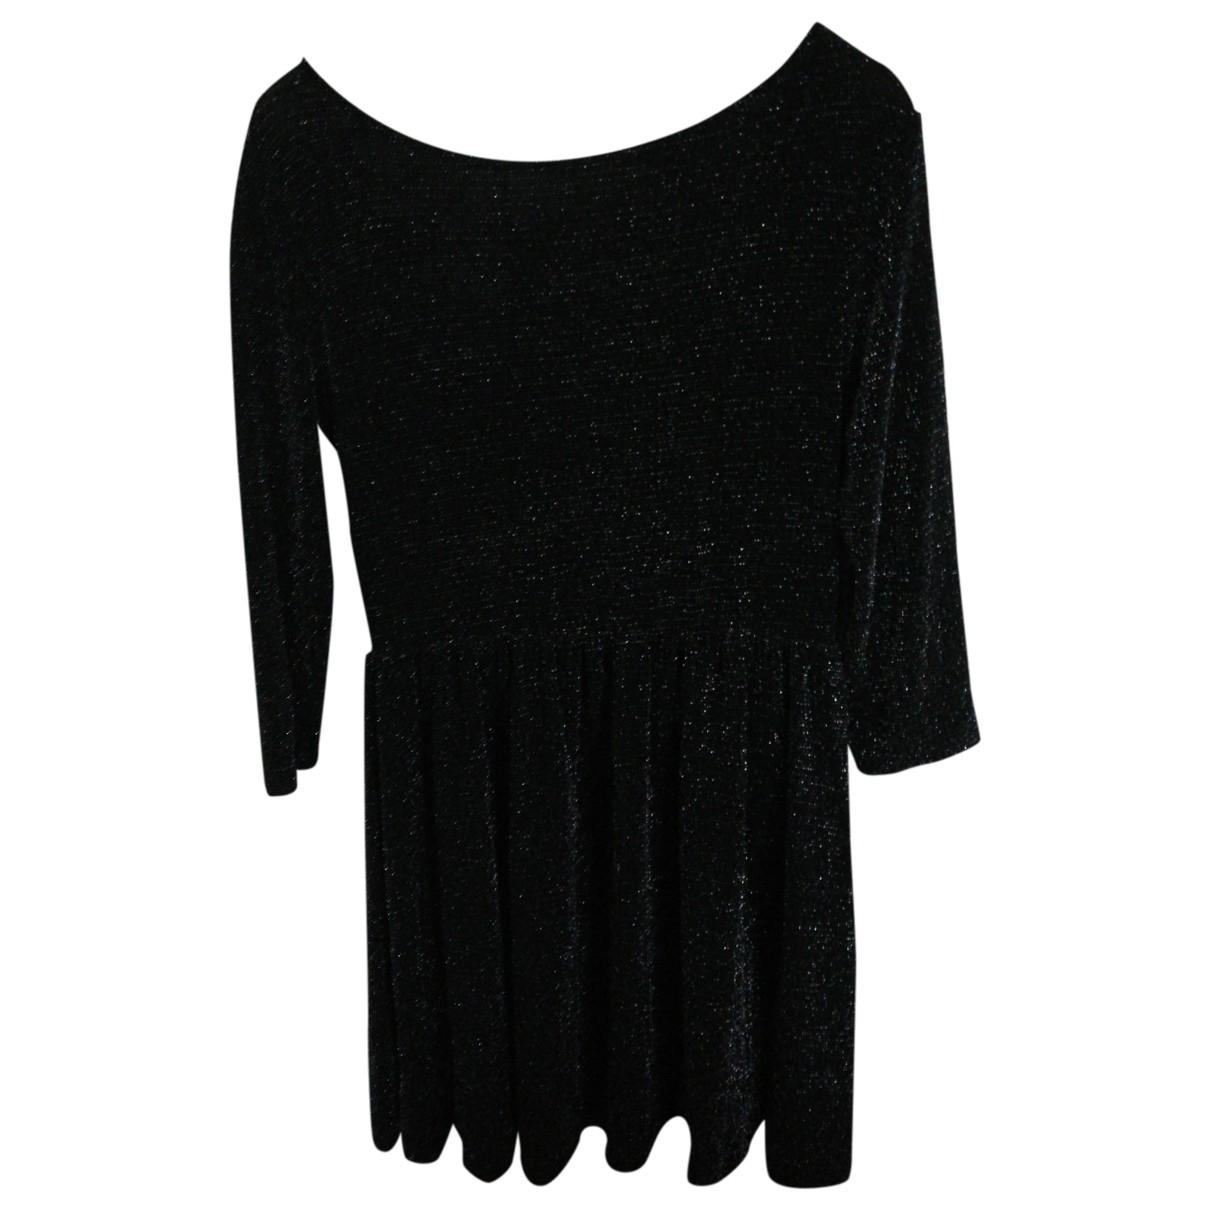 Tophop \N Kleid in  Bunt Synthetik